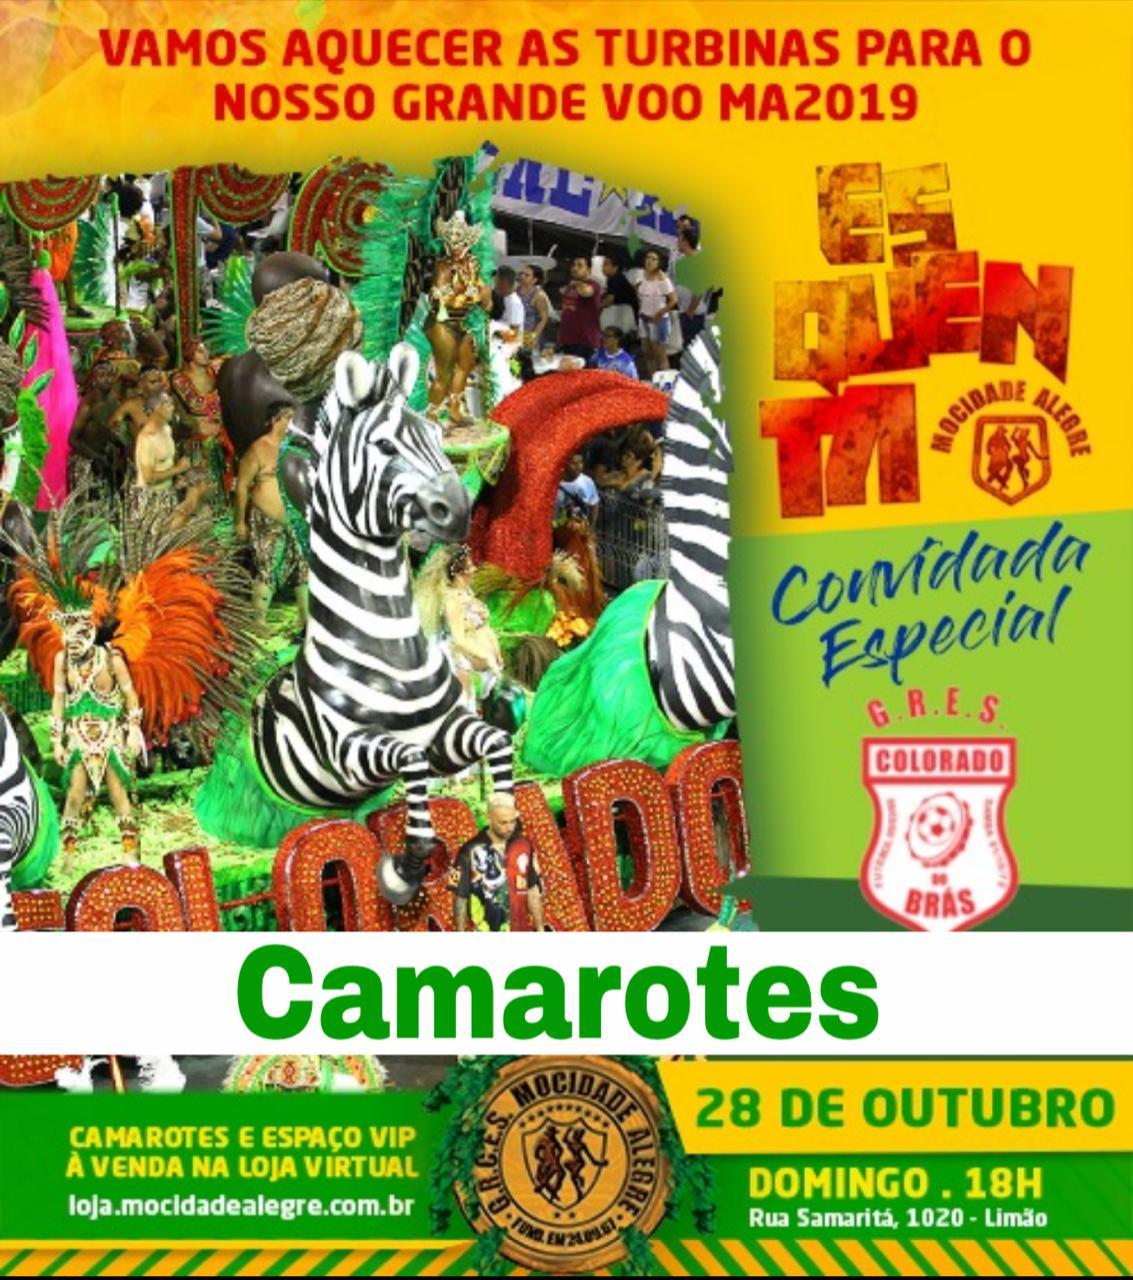 CAMAROTE 28/10 - ENSAIO ESQUENTA COLORADO DO BRÁS  - Mocidade Alegre